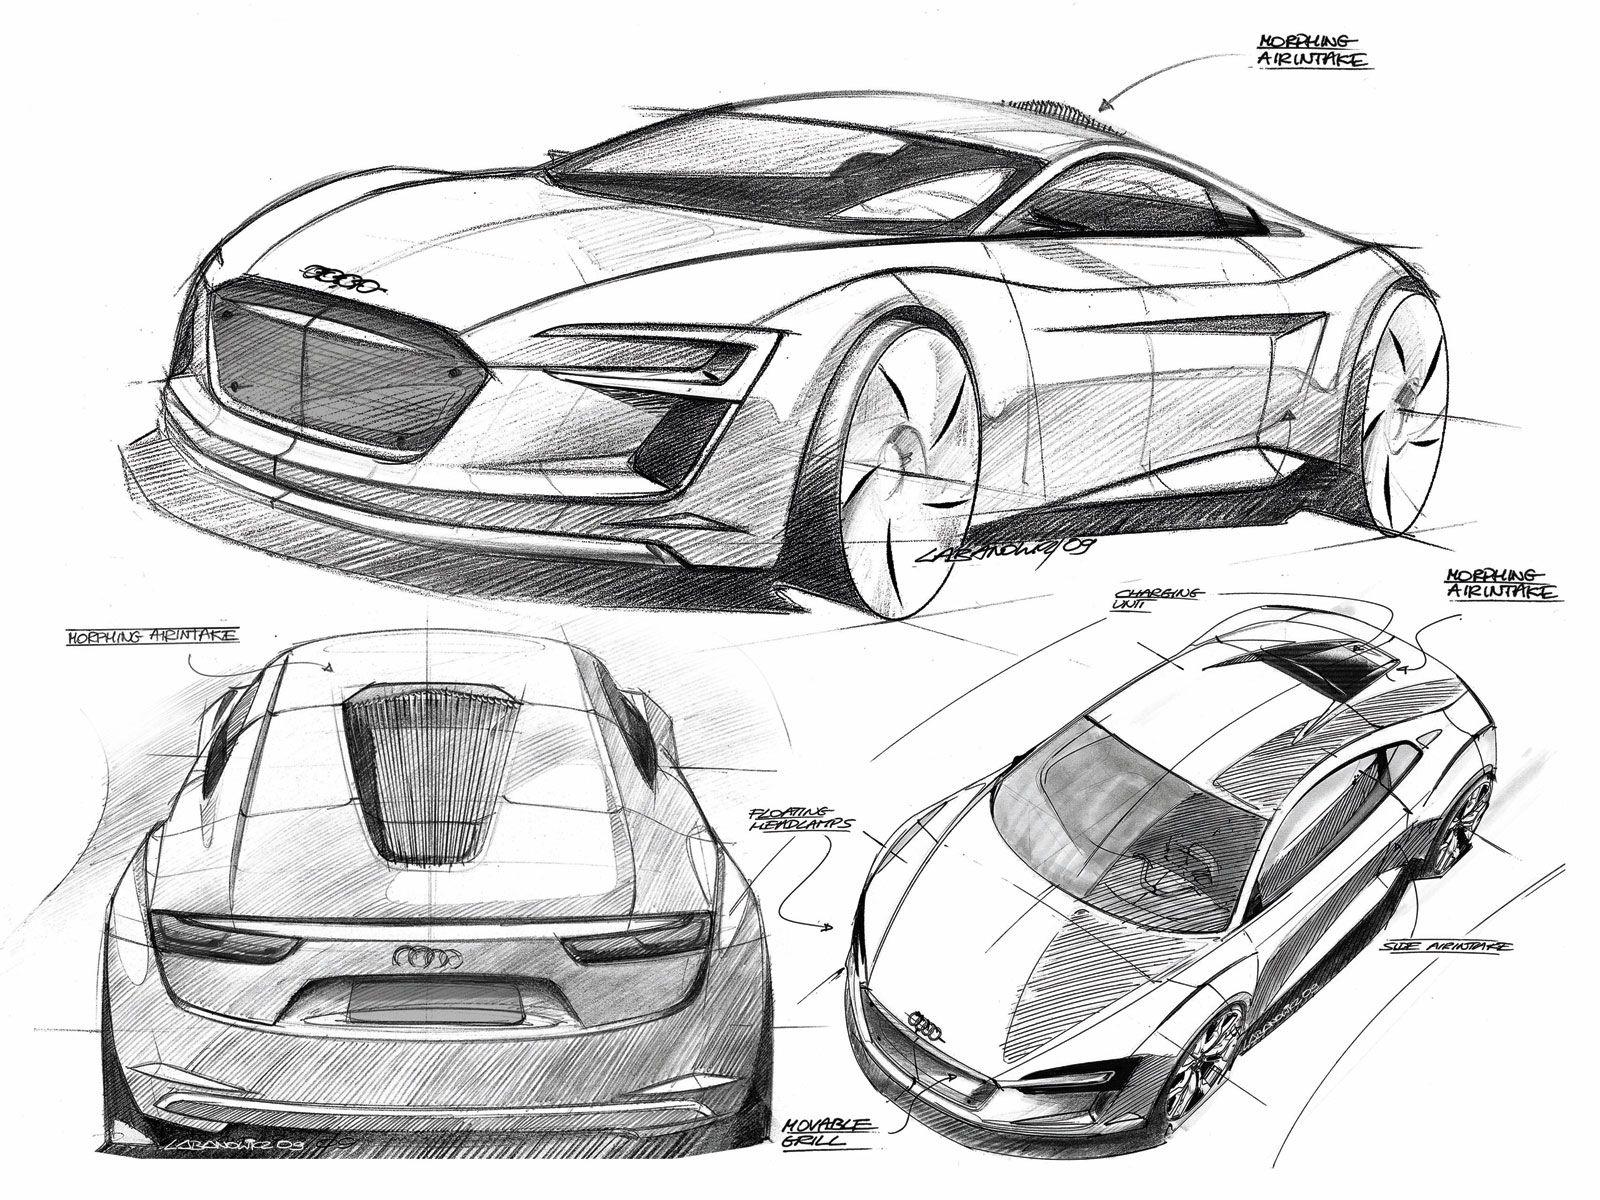 New Audi Design Language